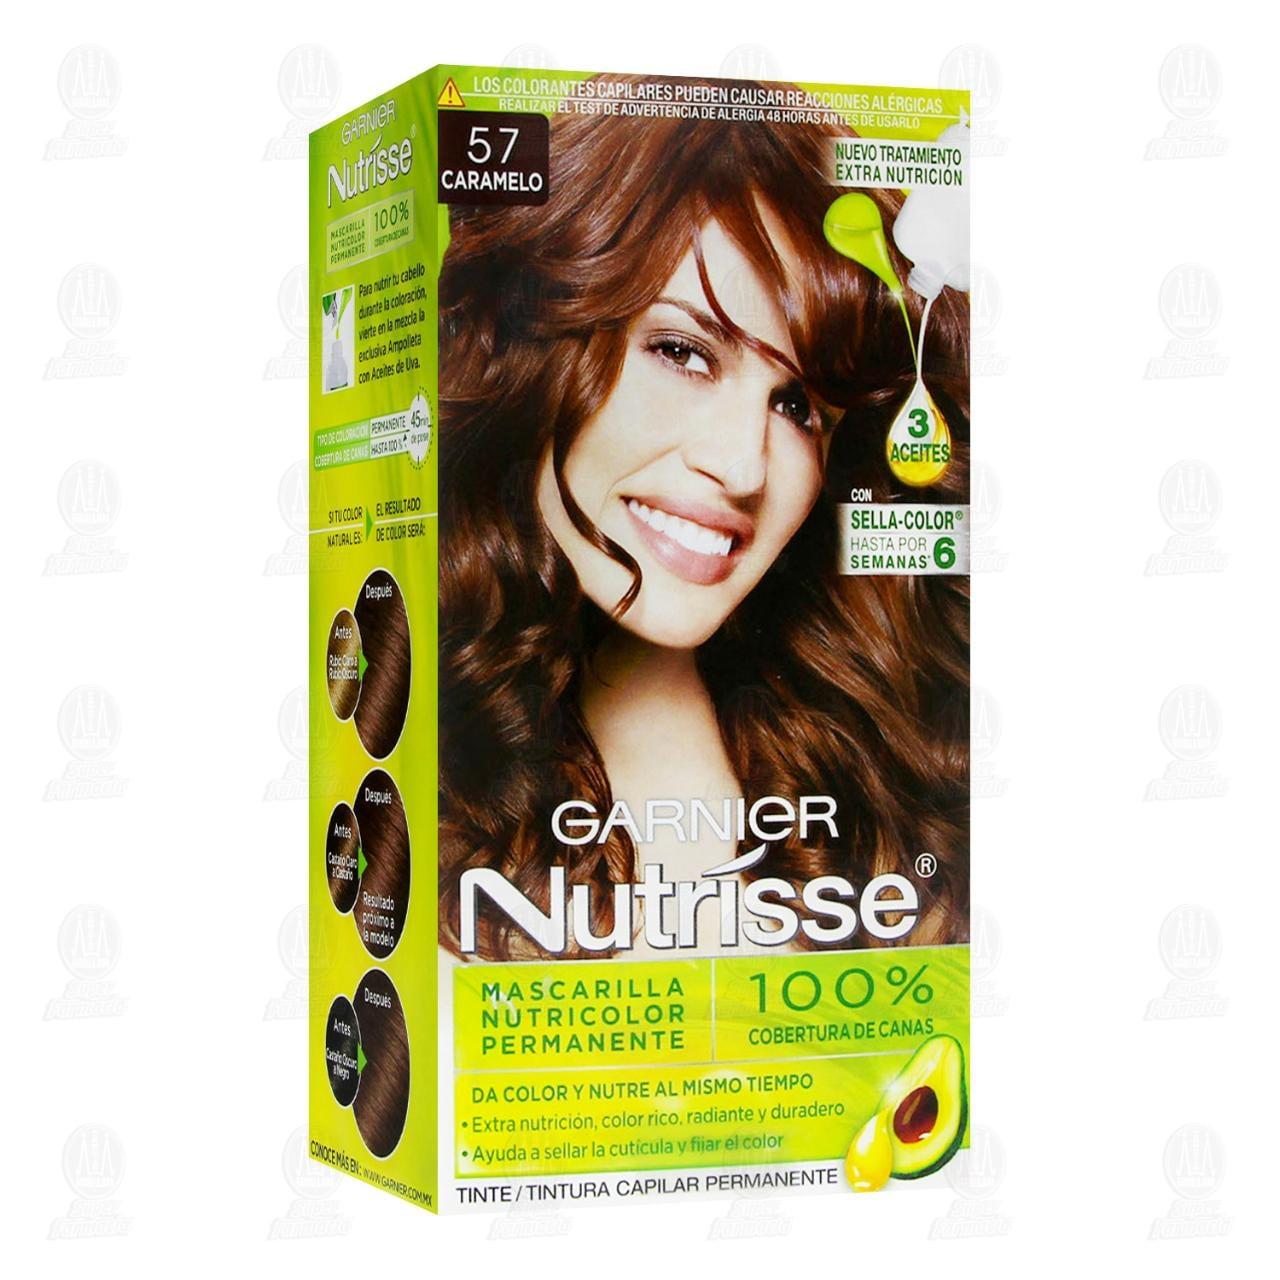 comprar https://www.movil.farmaciasguadalajara.com/wcsstore/FGCAS/wcs/products/986461_A_1280_AL.jpg en farmacias guadalajara